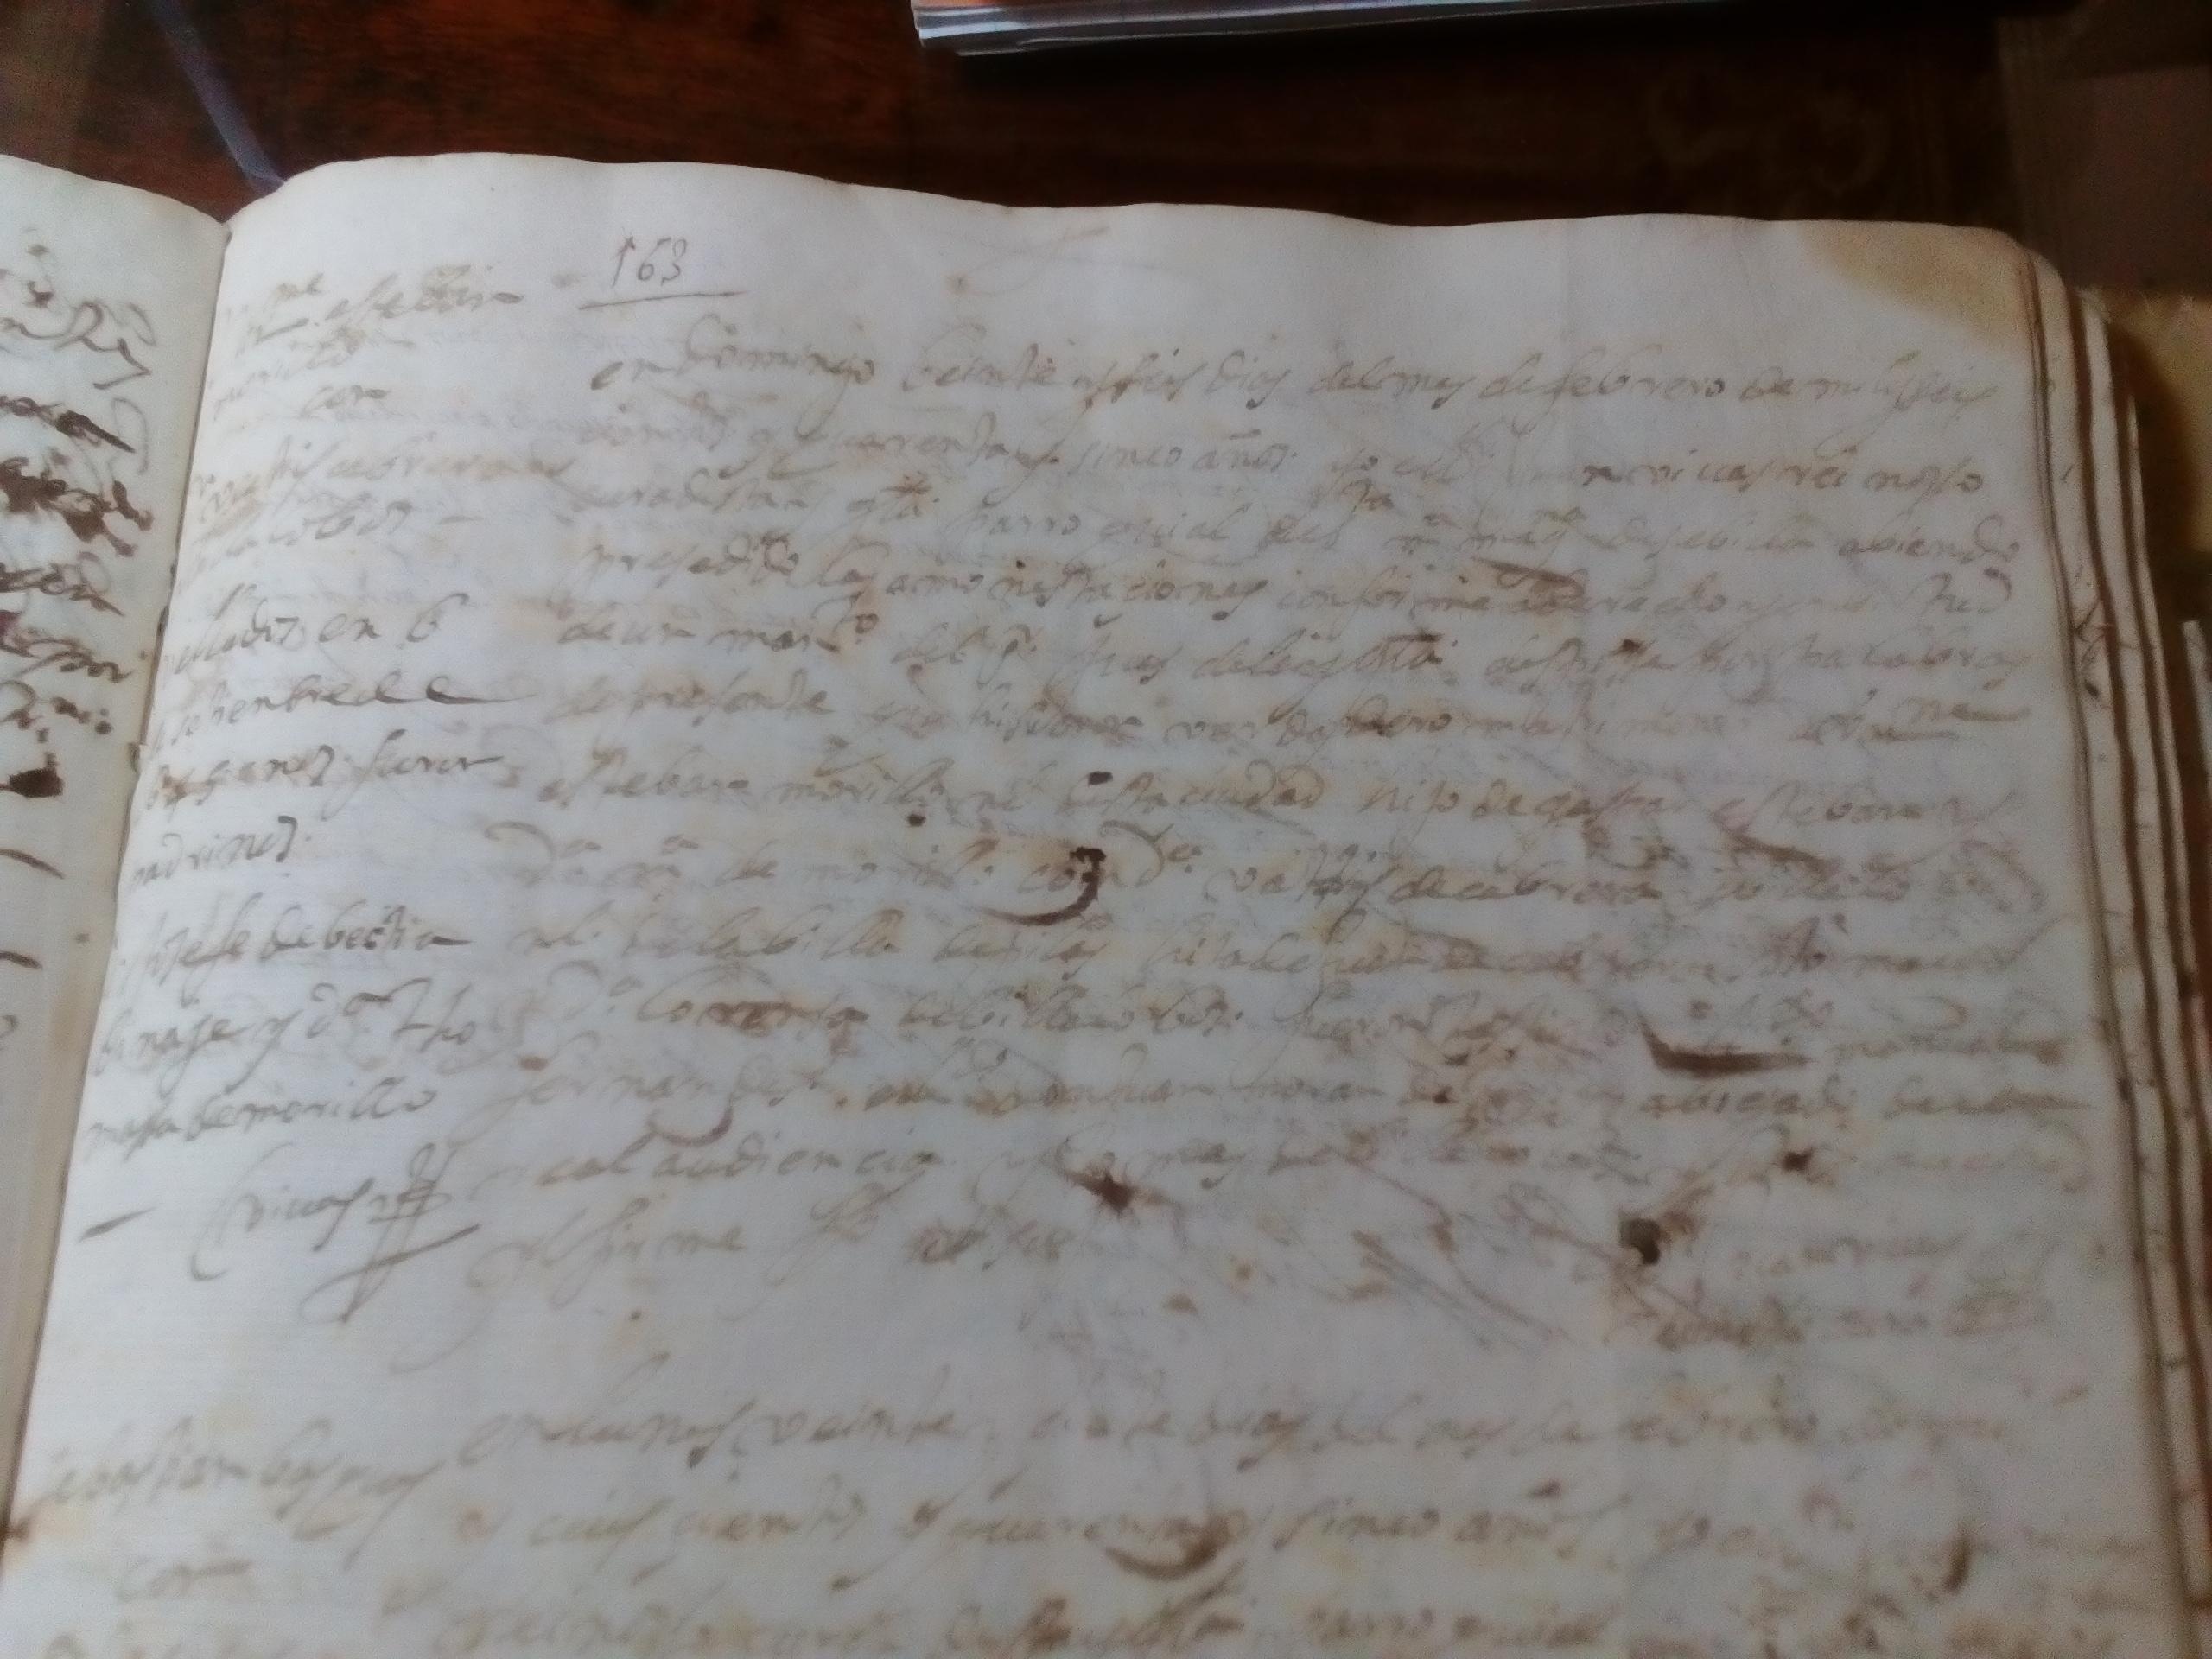 Partida de Matrimonio de Bartolomé Esteban Murillo y Beatriz Cabrera, 1645